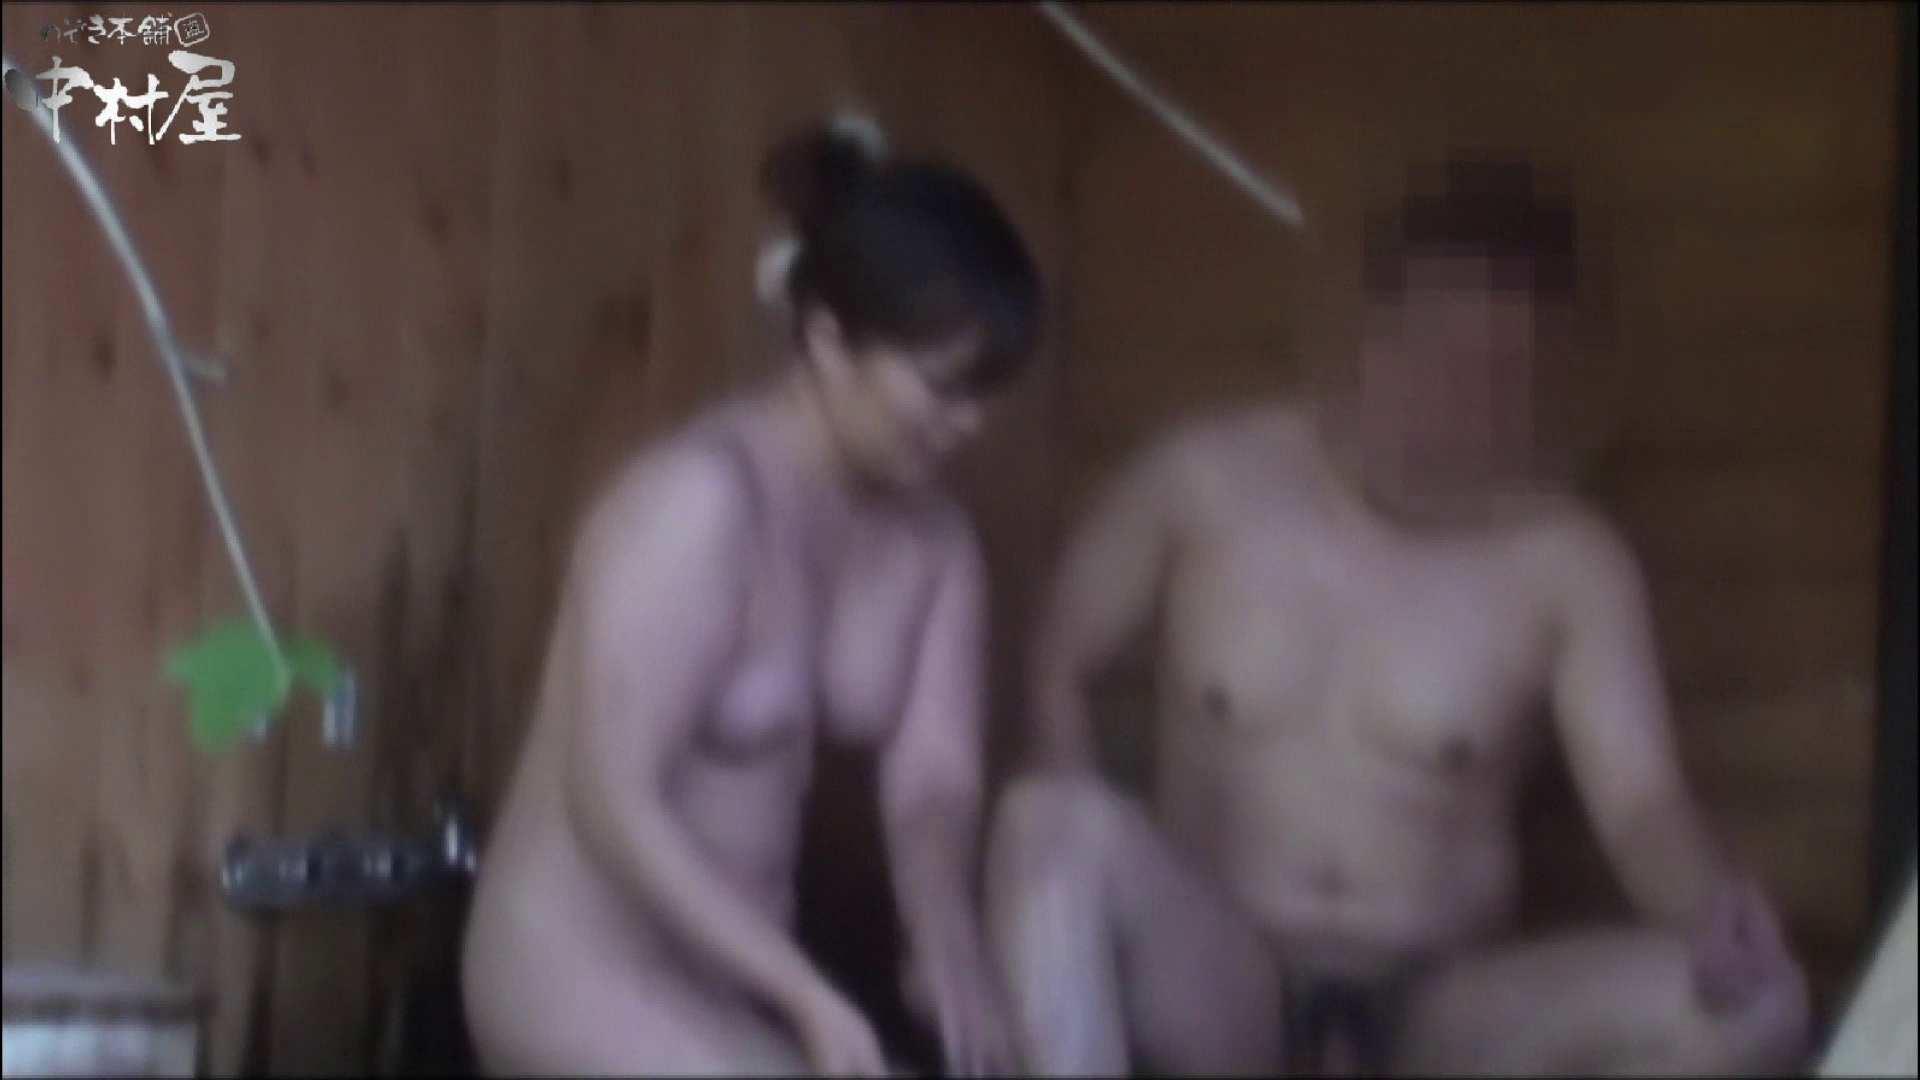 貸切露天 発情カップル! vol.03 美しいOLの裸体 オメコ無修正動画無料 85pic 37